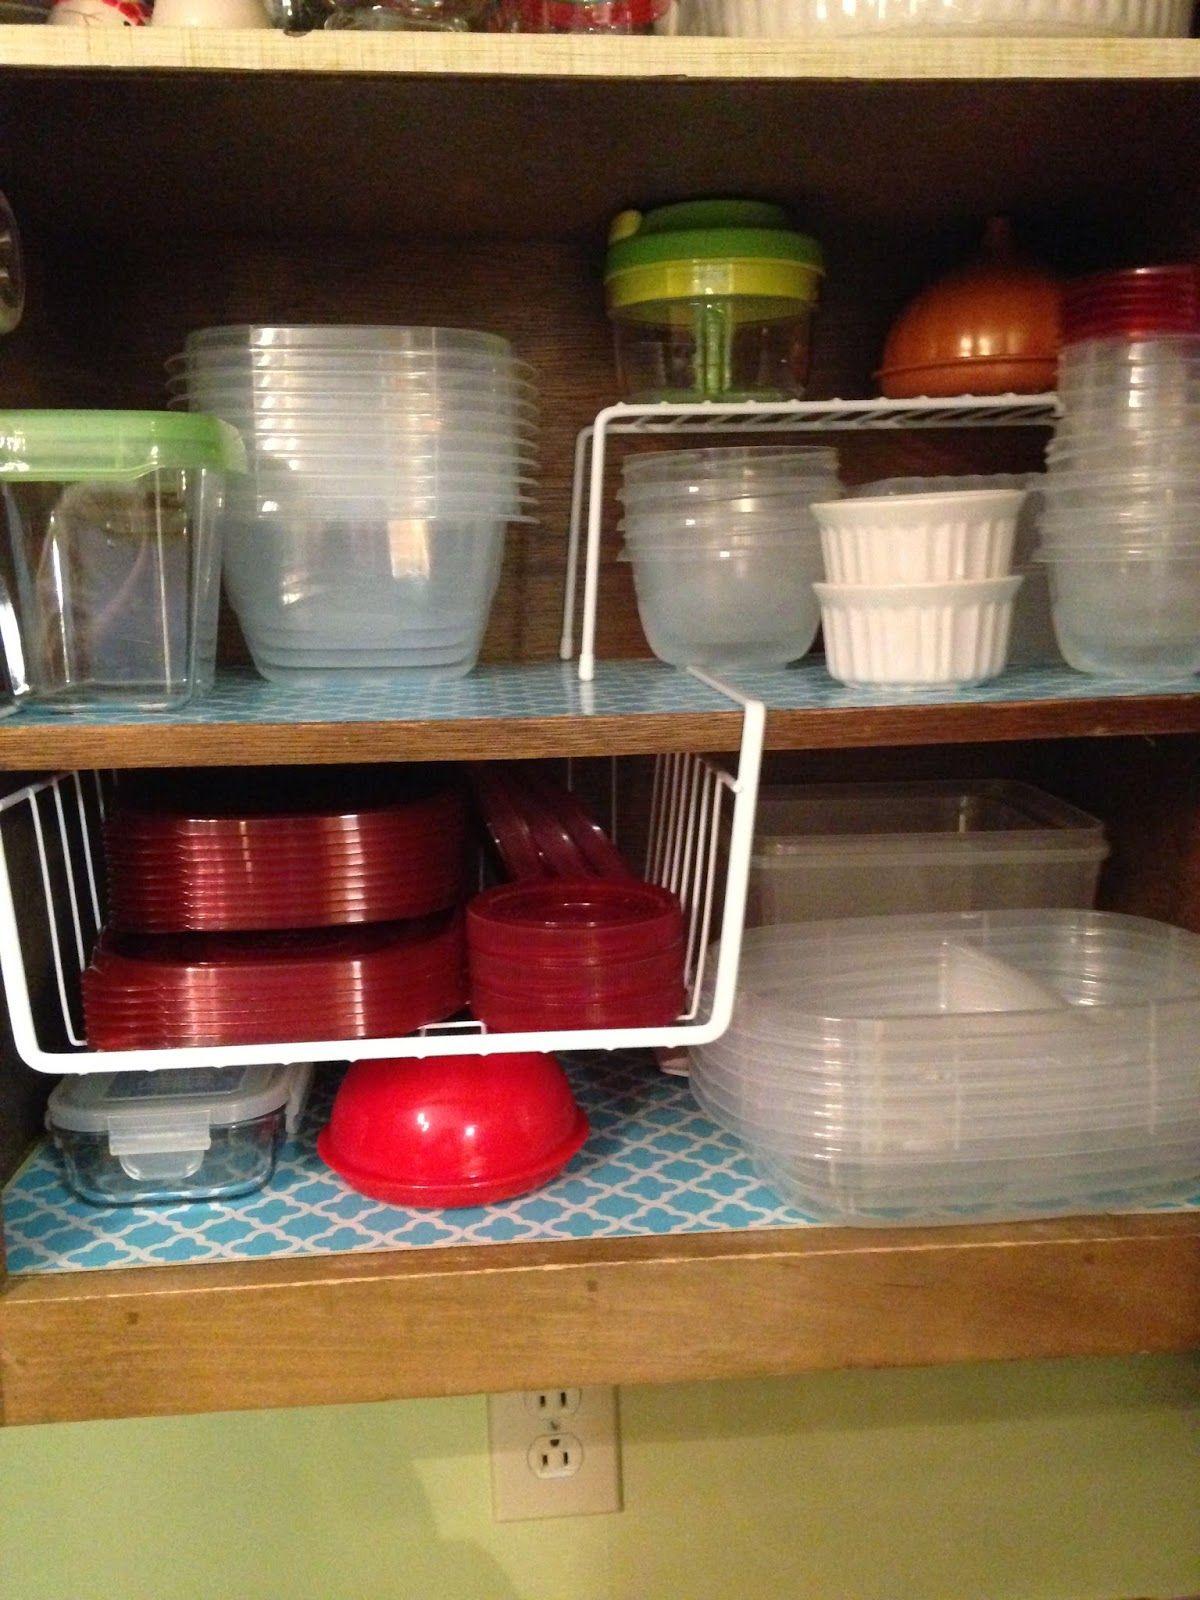 tupperware storage tupperware organizing tupperware storage cabinets organization on kitchen organization tupperware id=14927